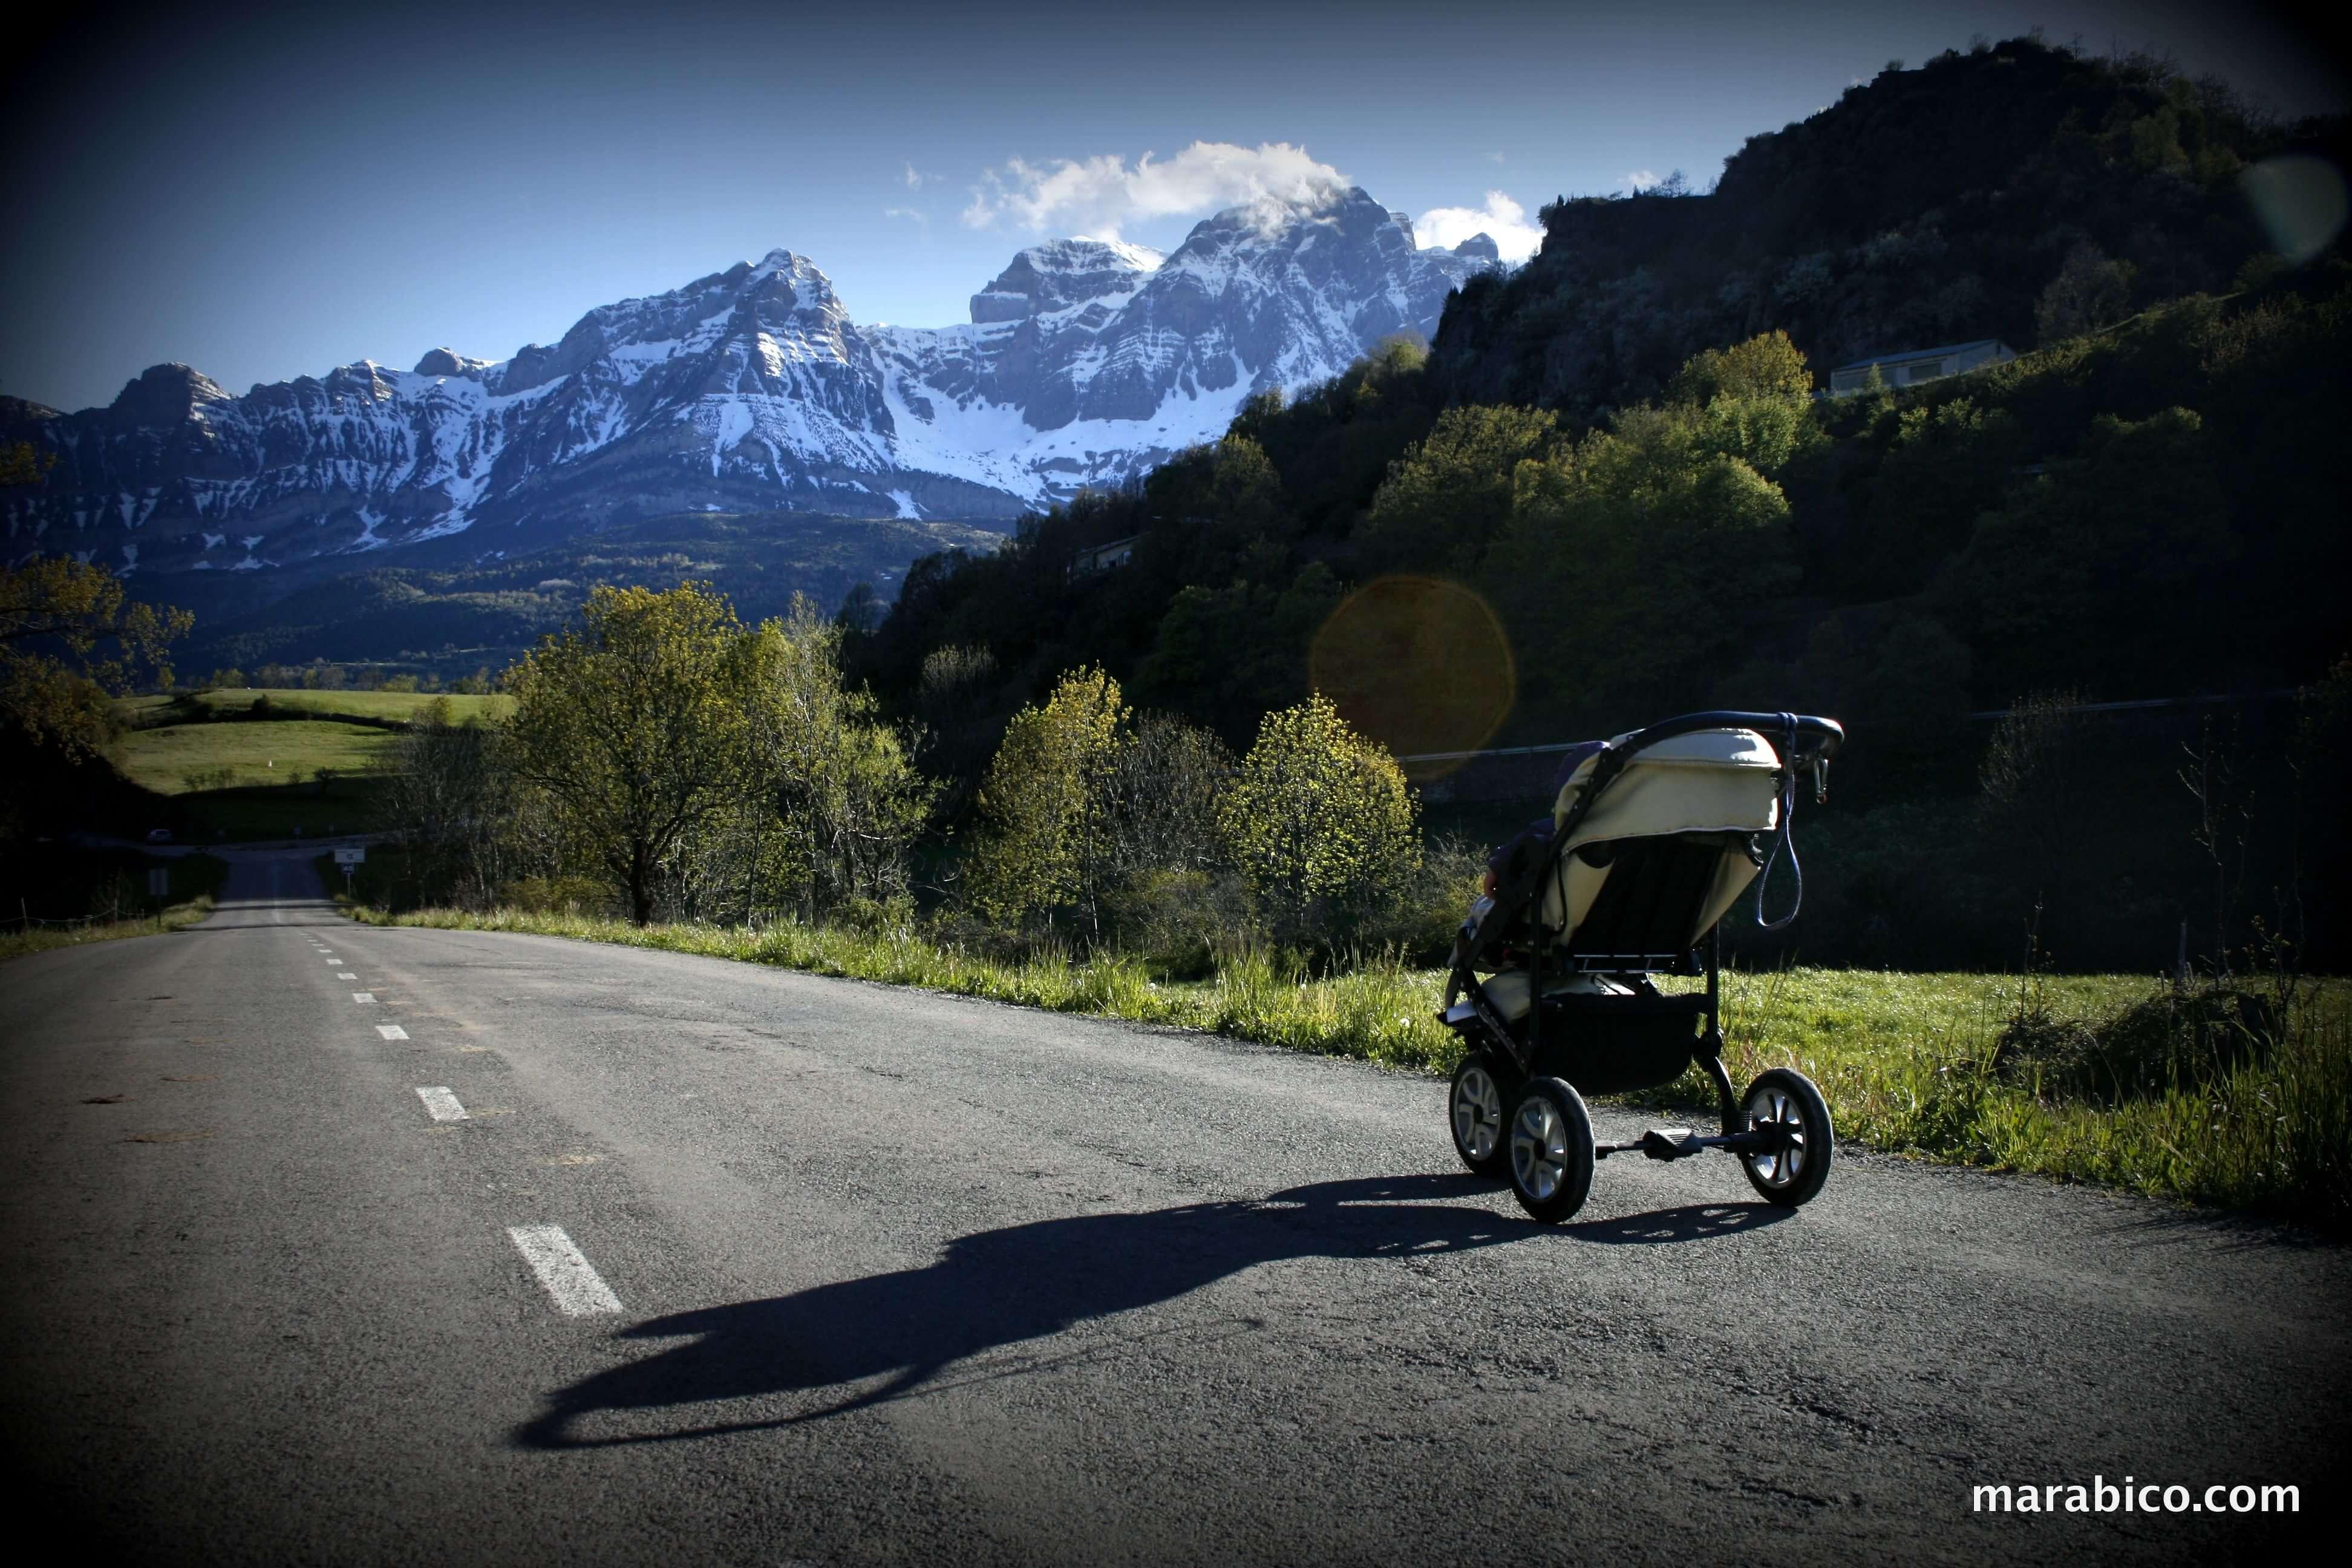 correr_carrito_montaña.jpg